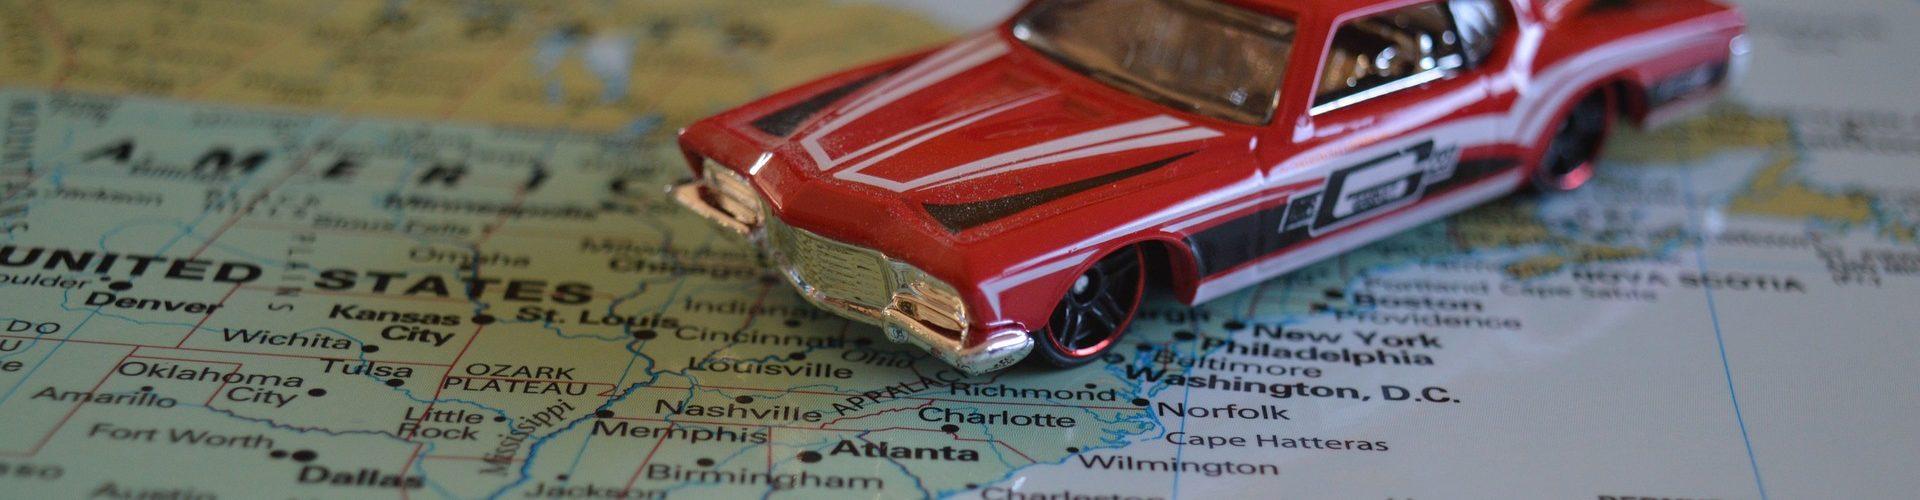 How to Prepare a Car for a Roadtrip